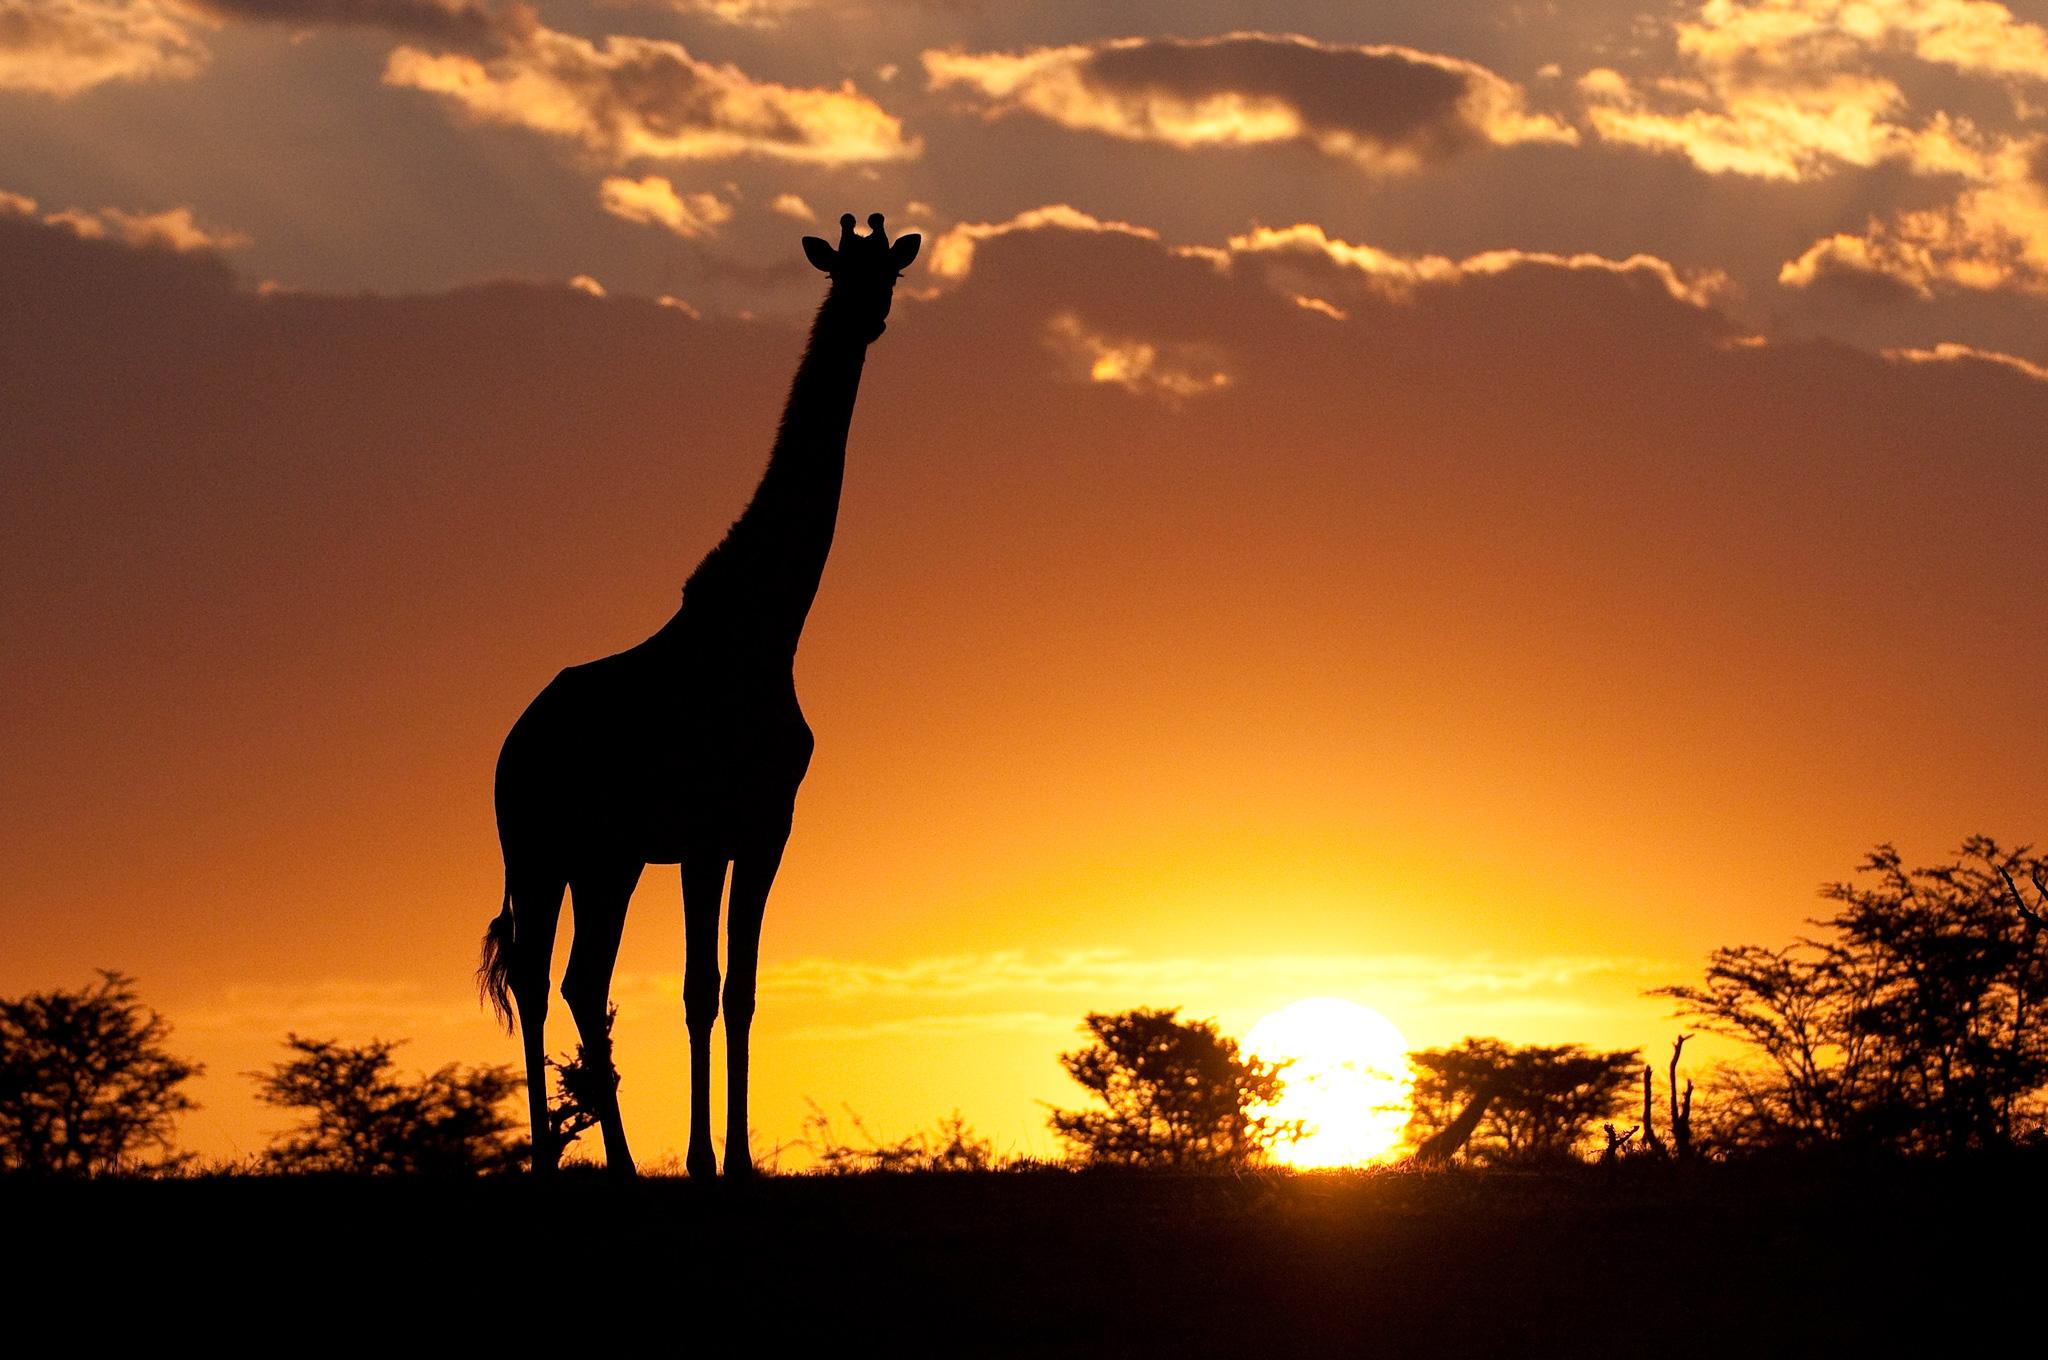 Sunset showing Giraffe In Maasai Mara Kenya